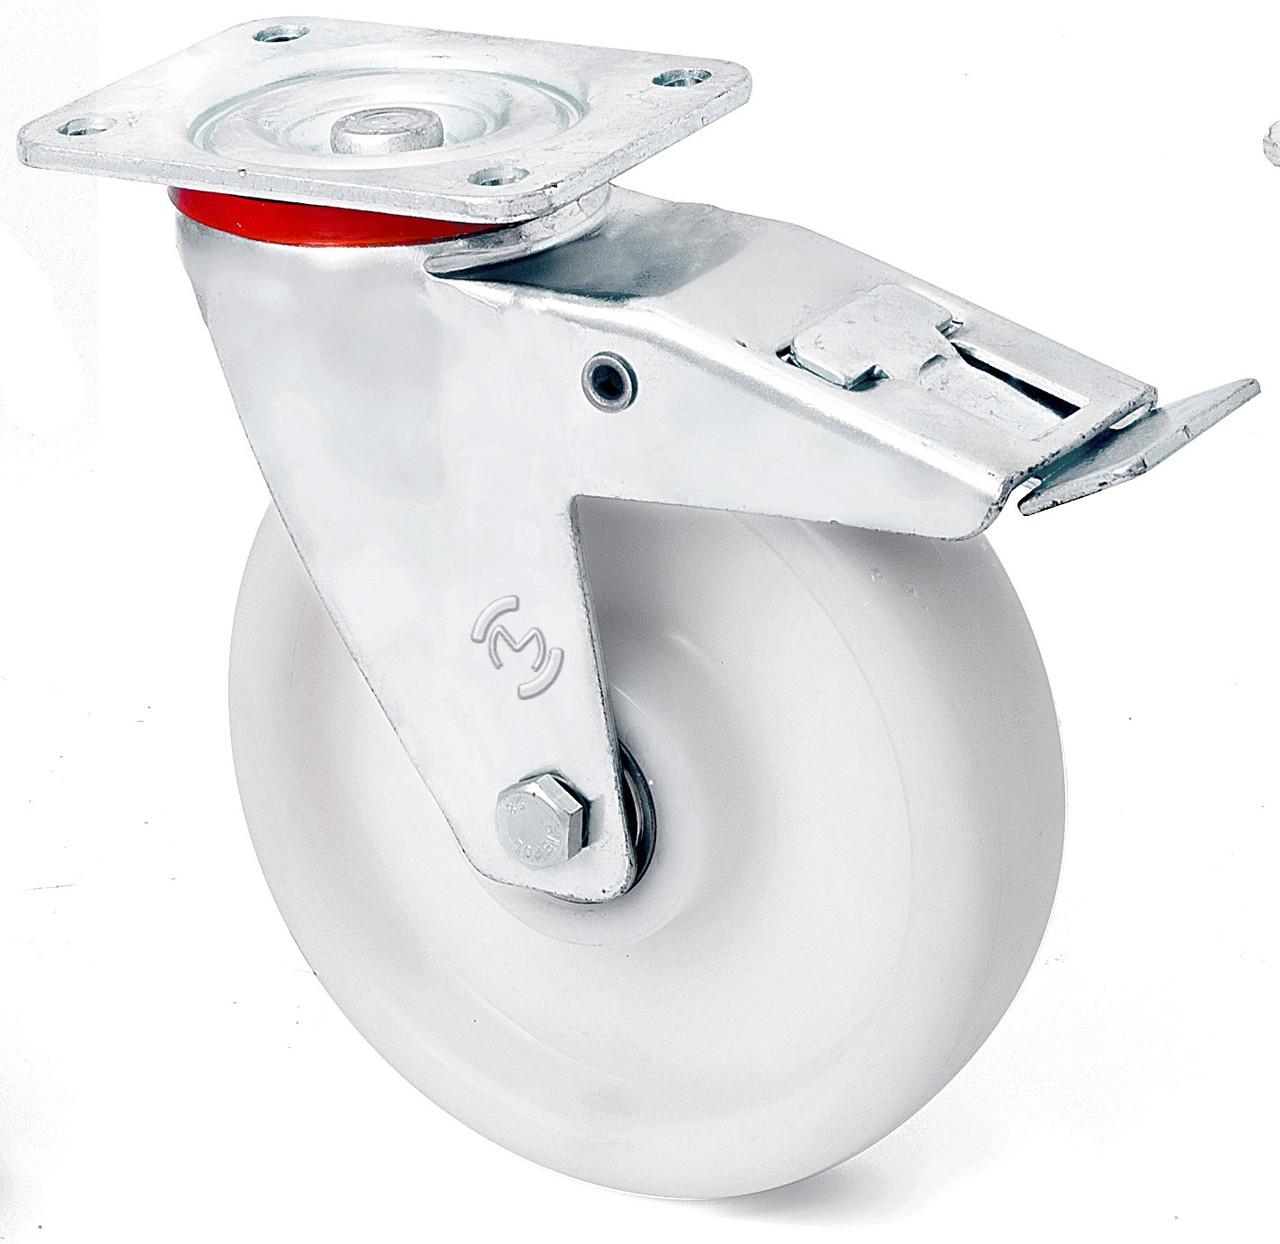 Поворотные большегрузные колеса из полипропилена с тормозом 2304-LR-200-B